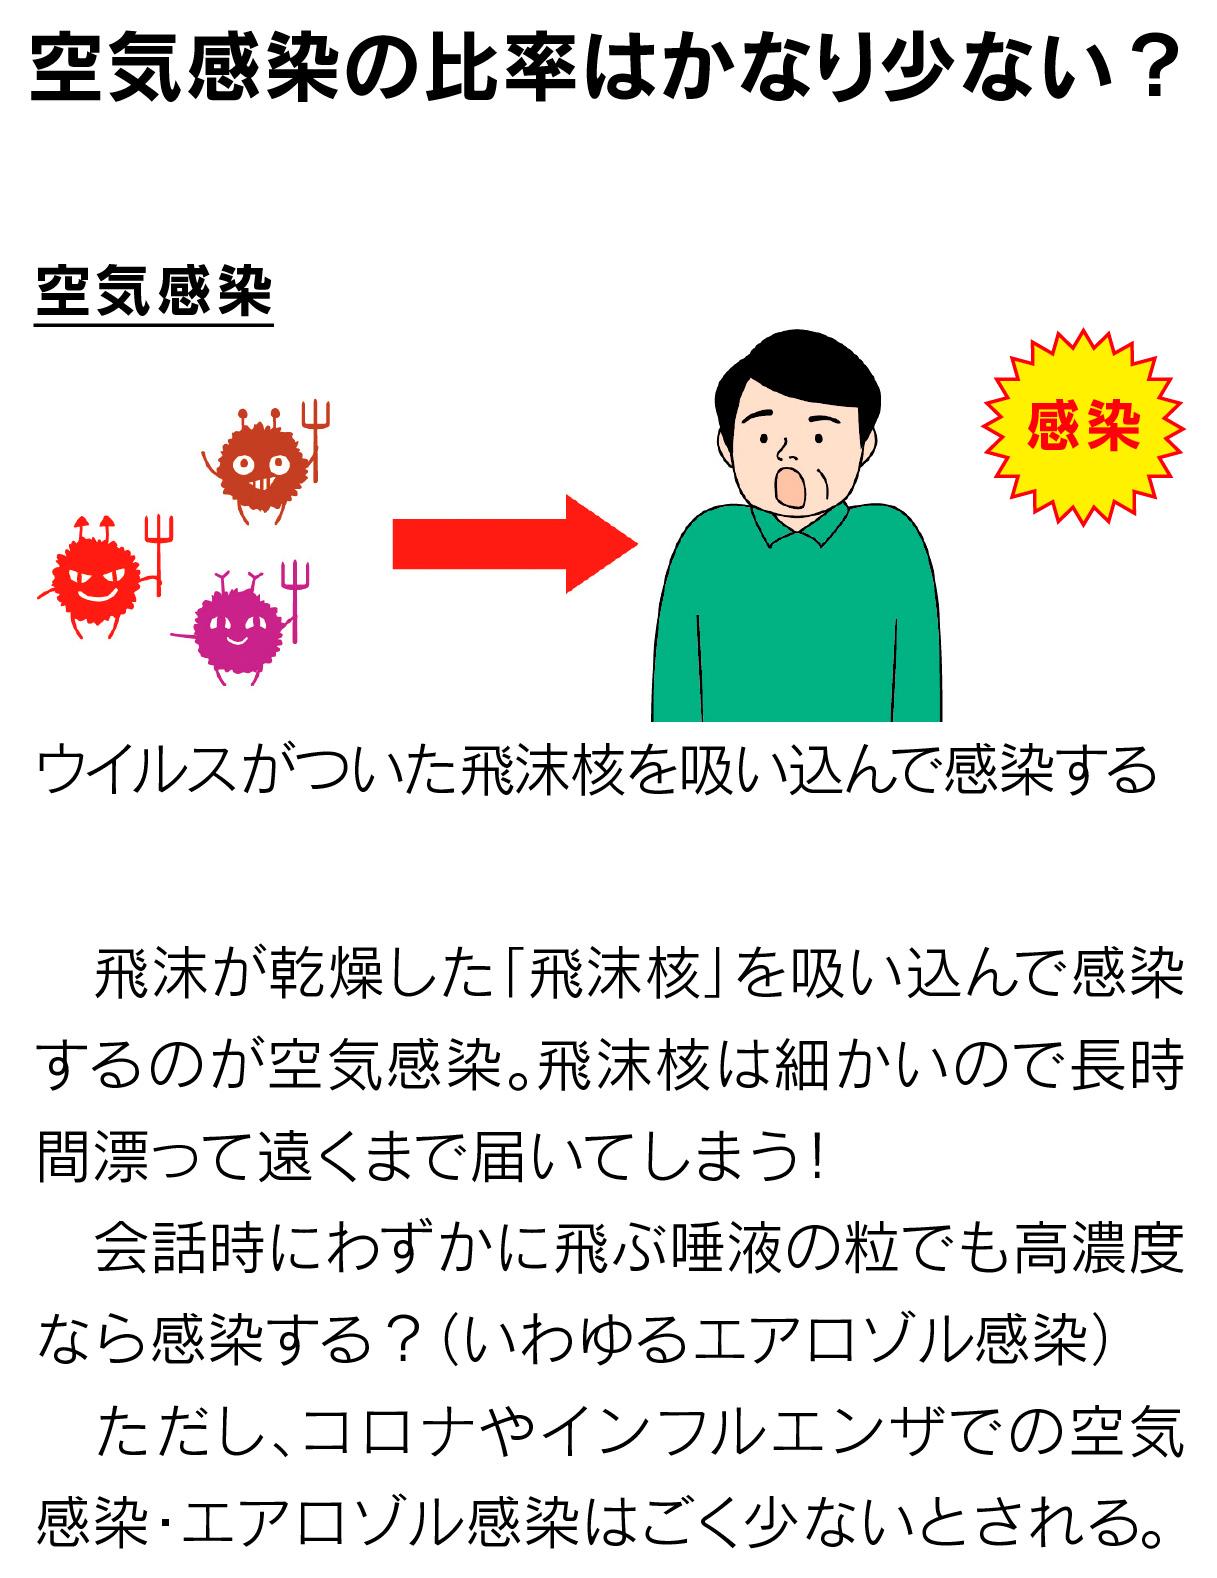 空気 感染 感染 エアロゾル